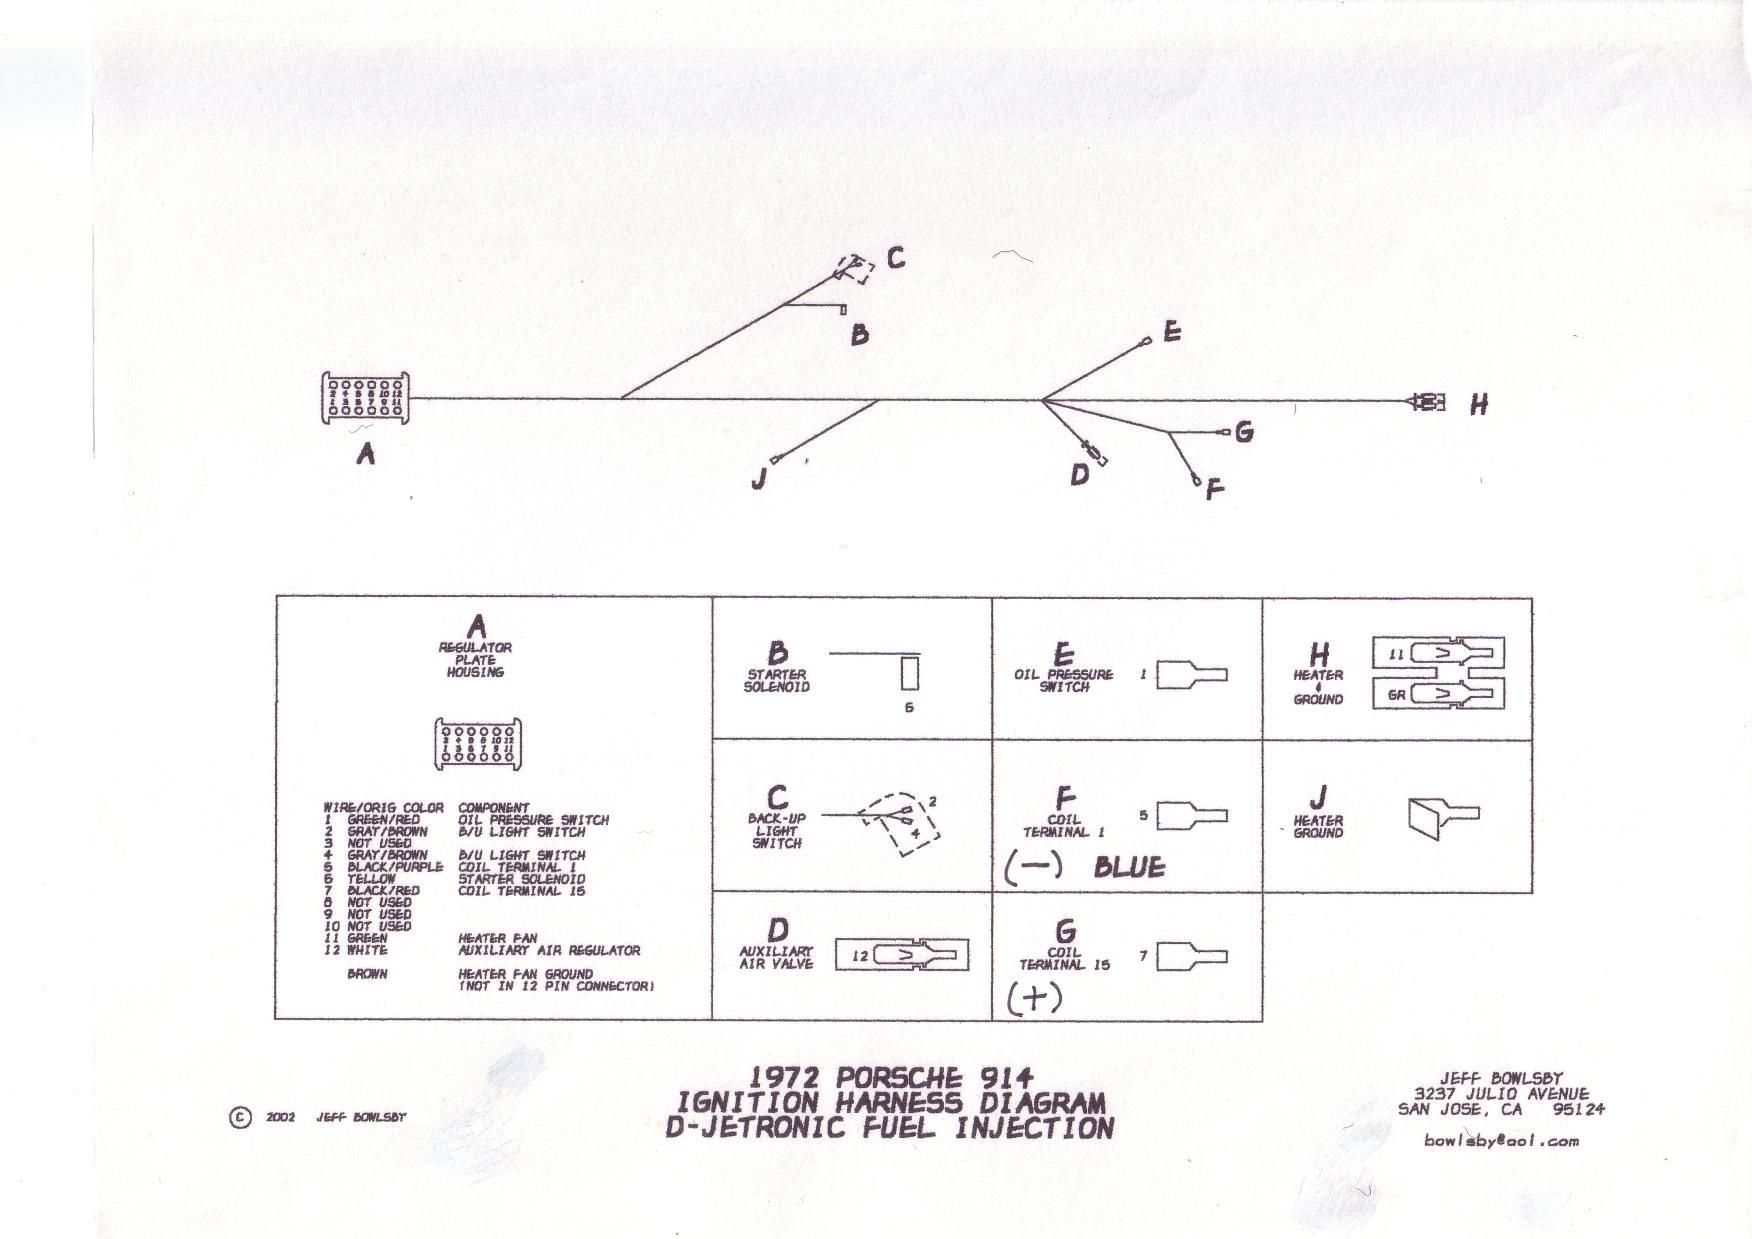 1975 porsche 914 wiring diagram vw polo 2001 1972 911 free engine image